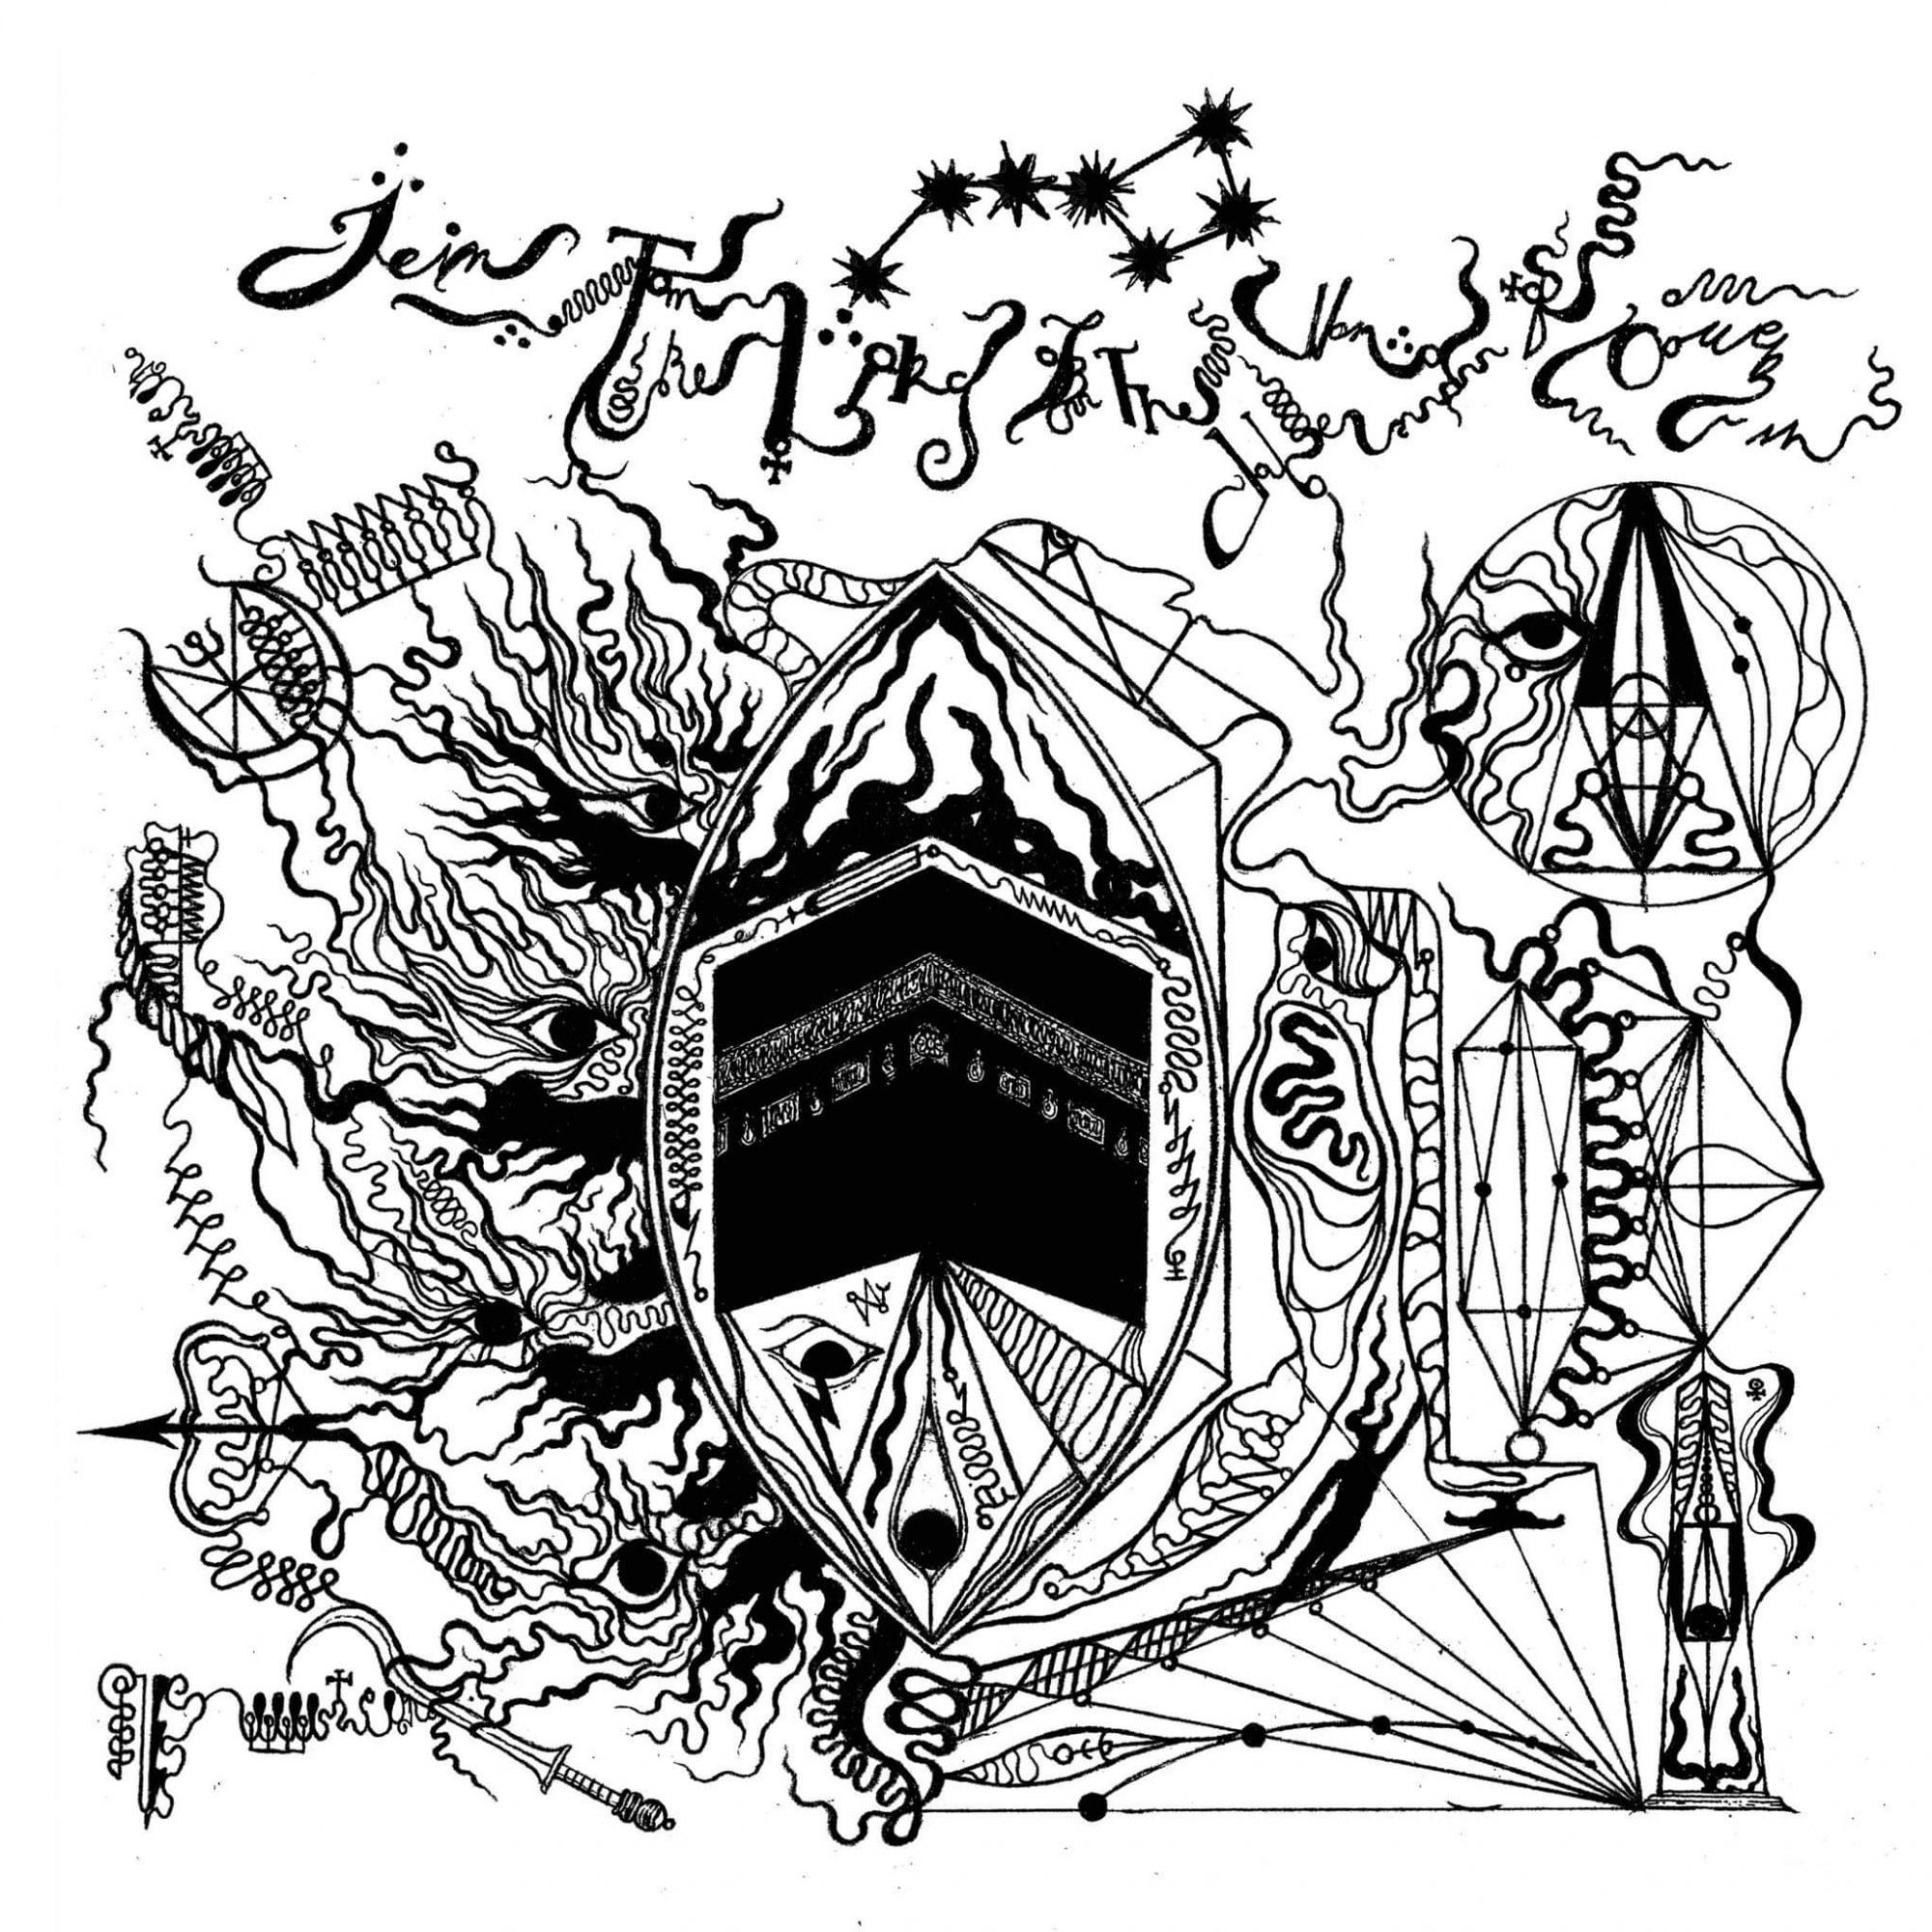 Tetragrammacide - Primal Incinerators of Moral Matrix